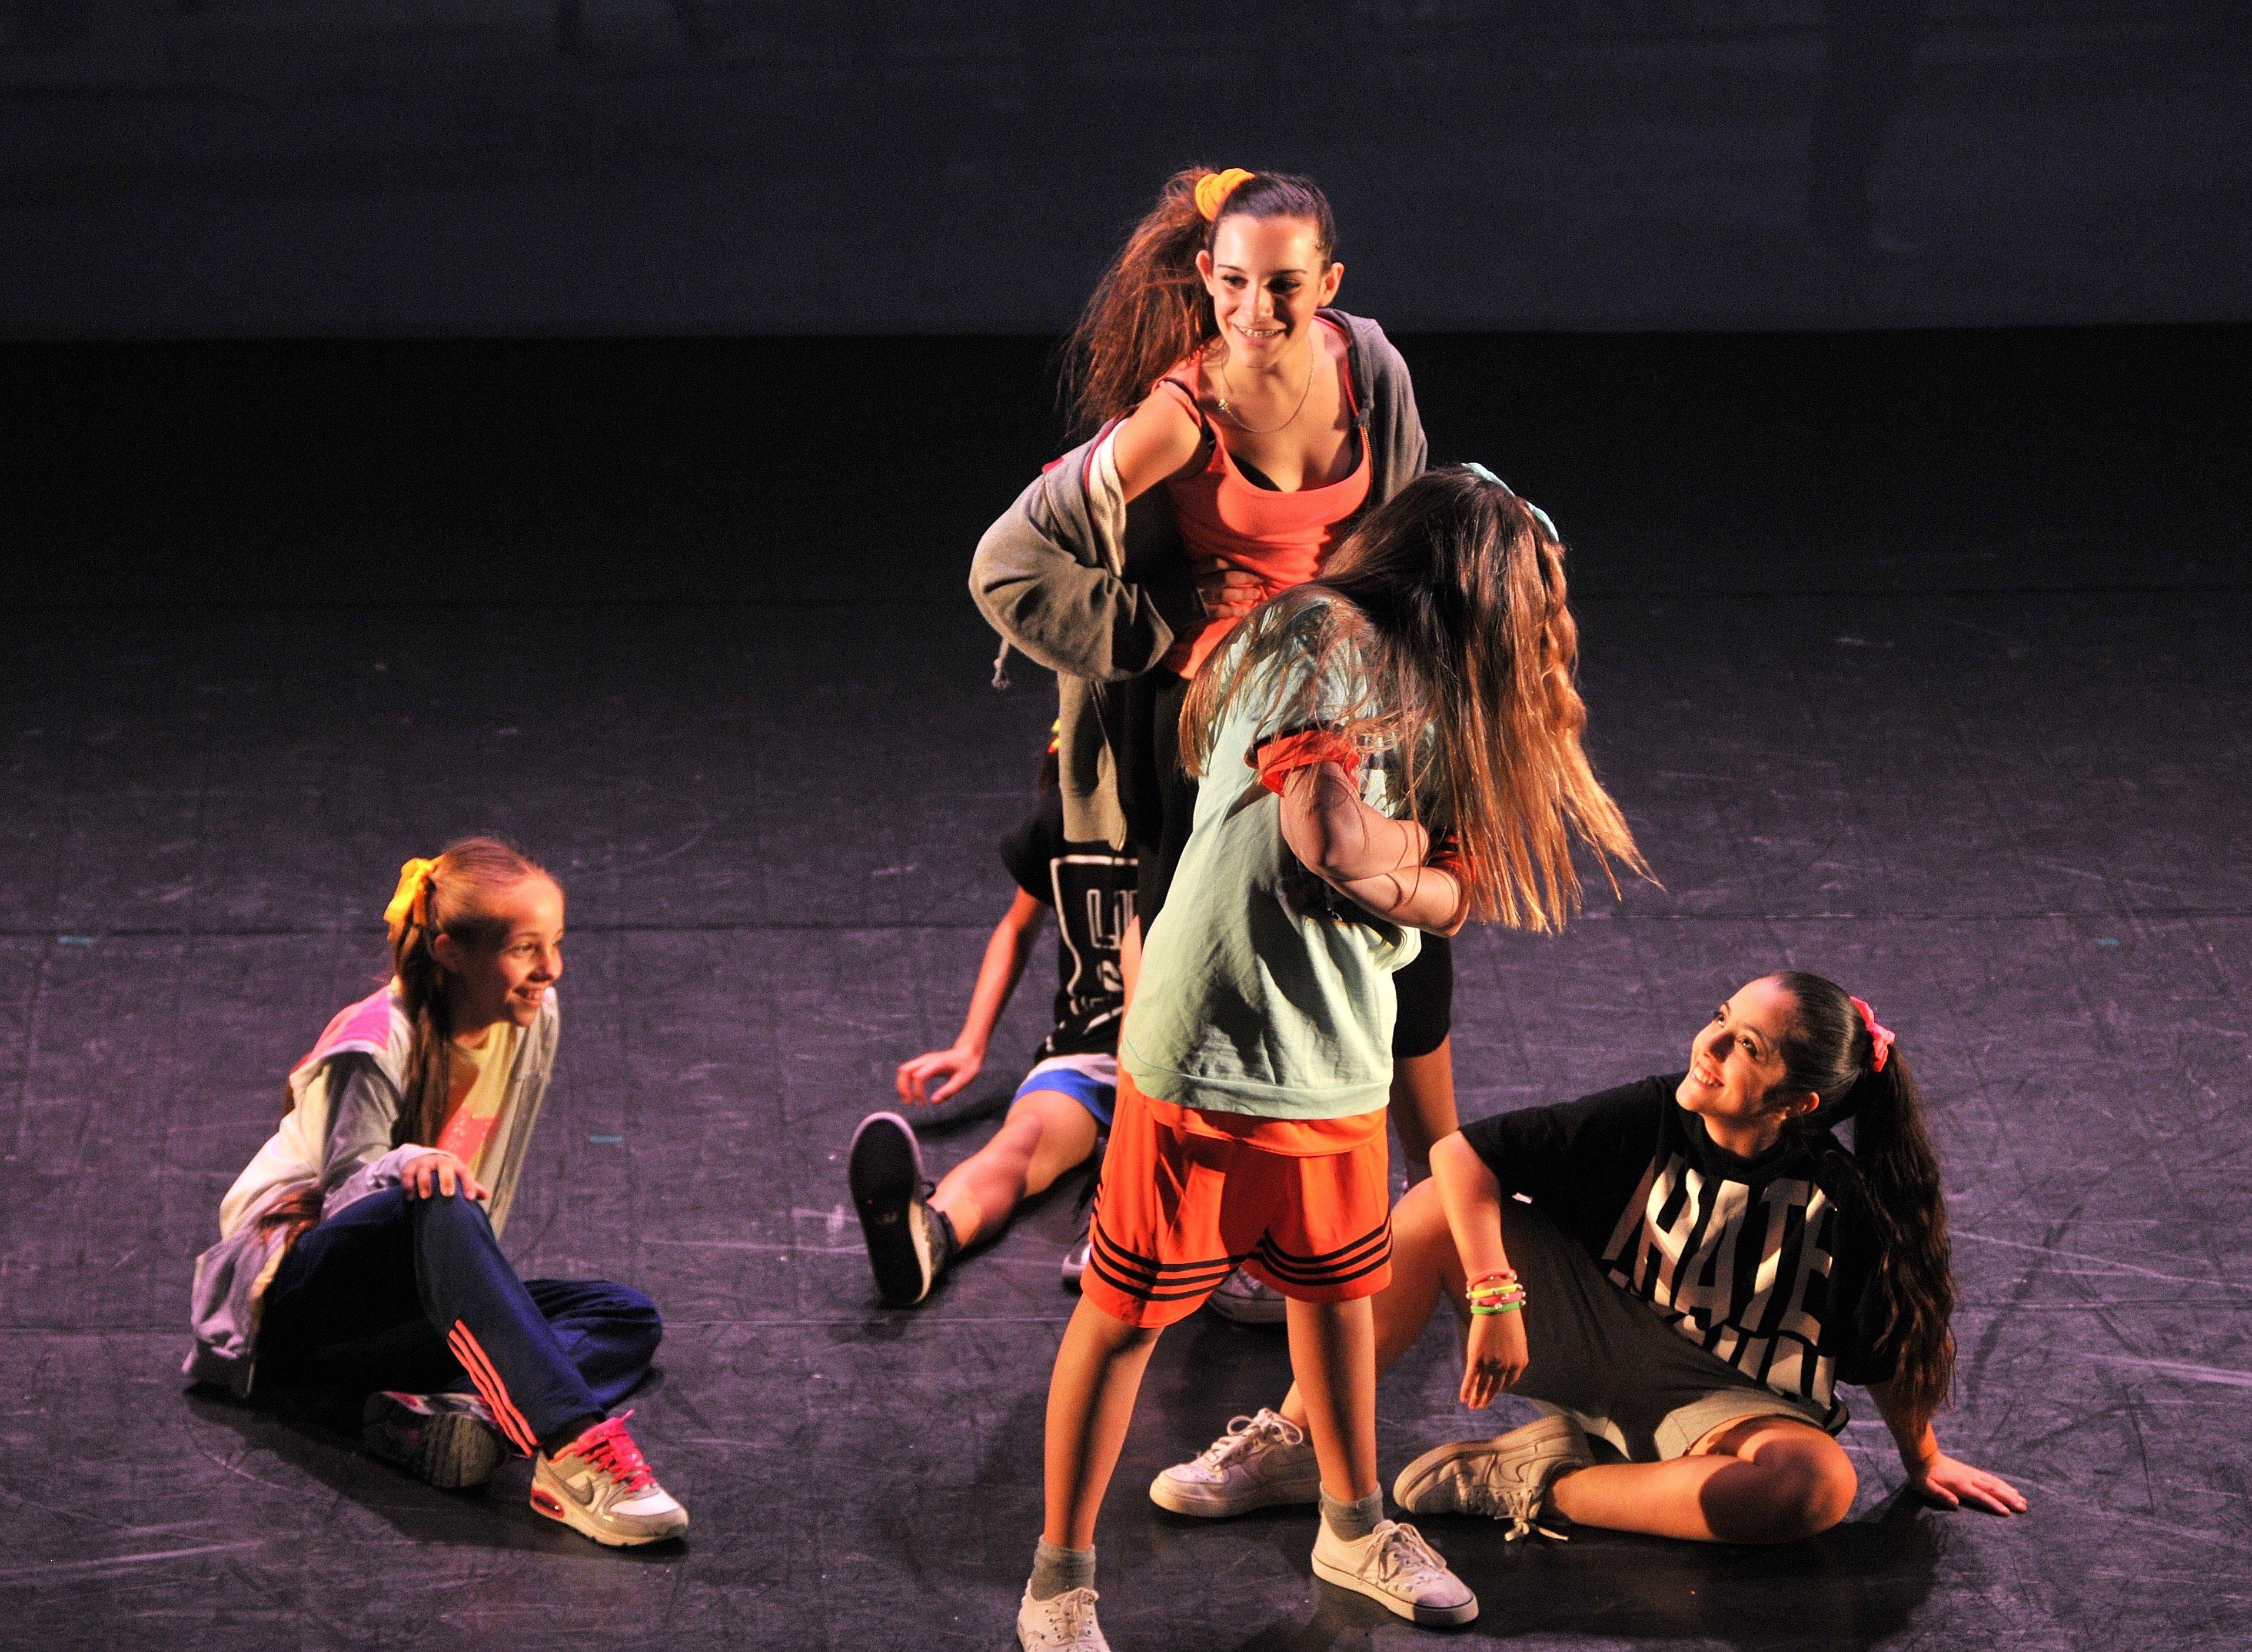 delle ragazze durante uno spettacolo